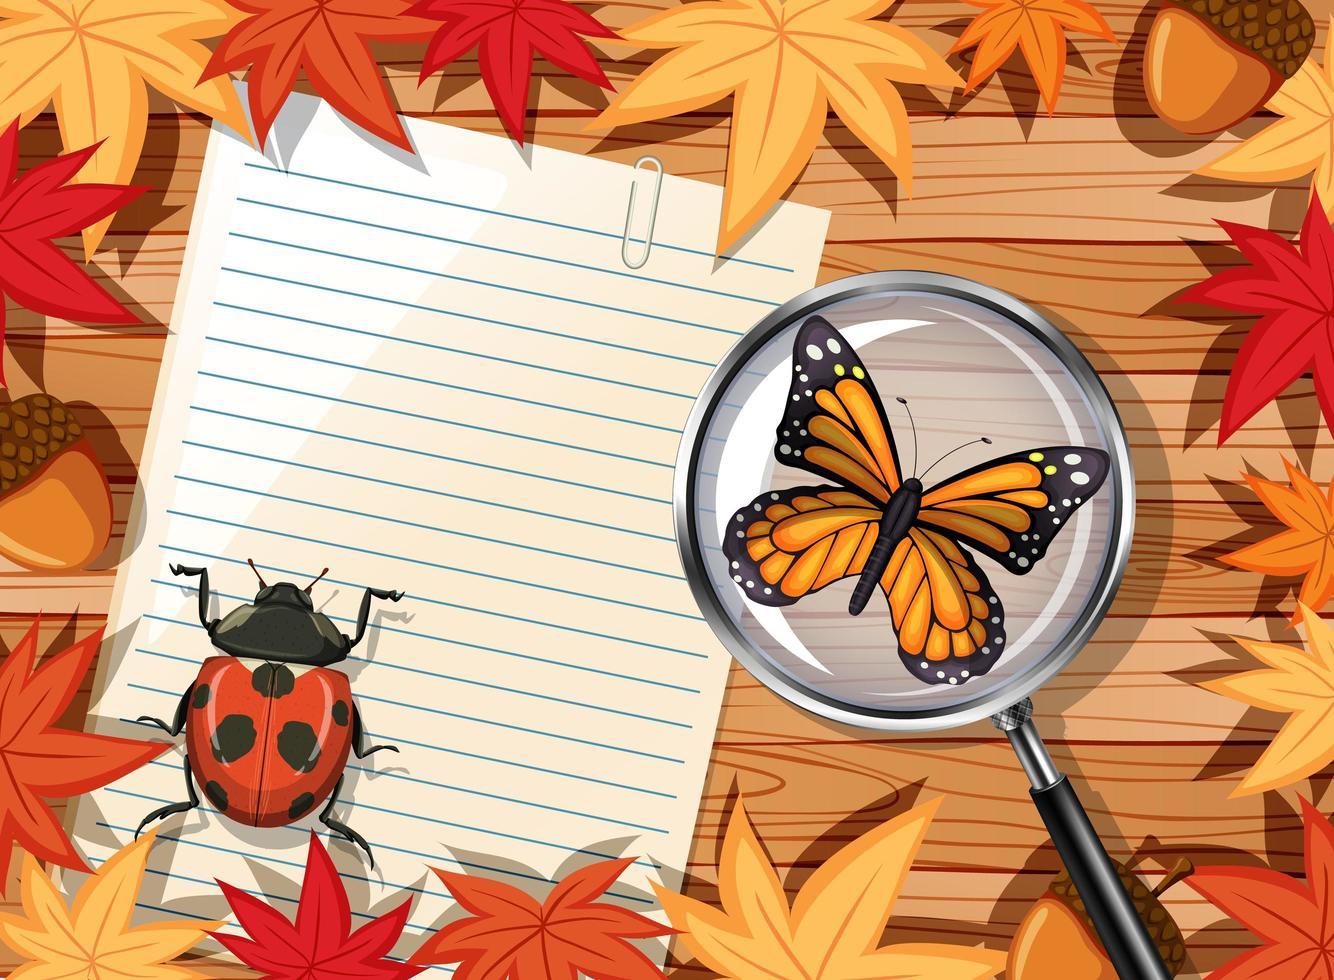 Holztisch mit leerem Papier und Insekten vektor